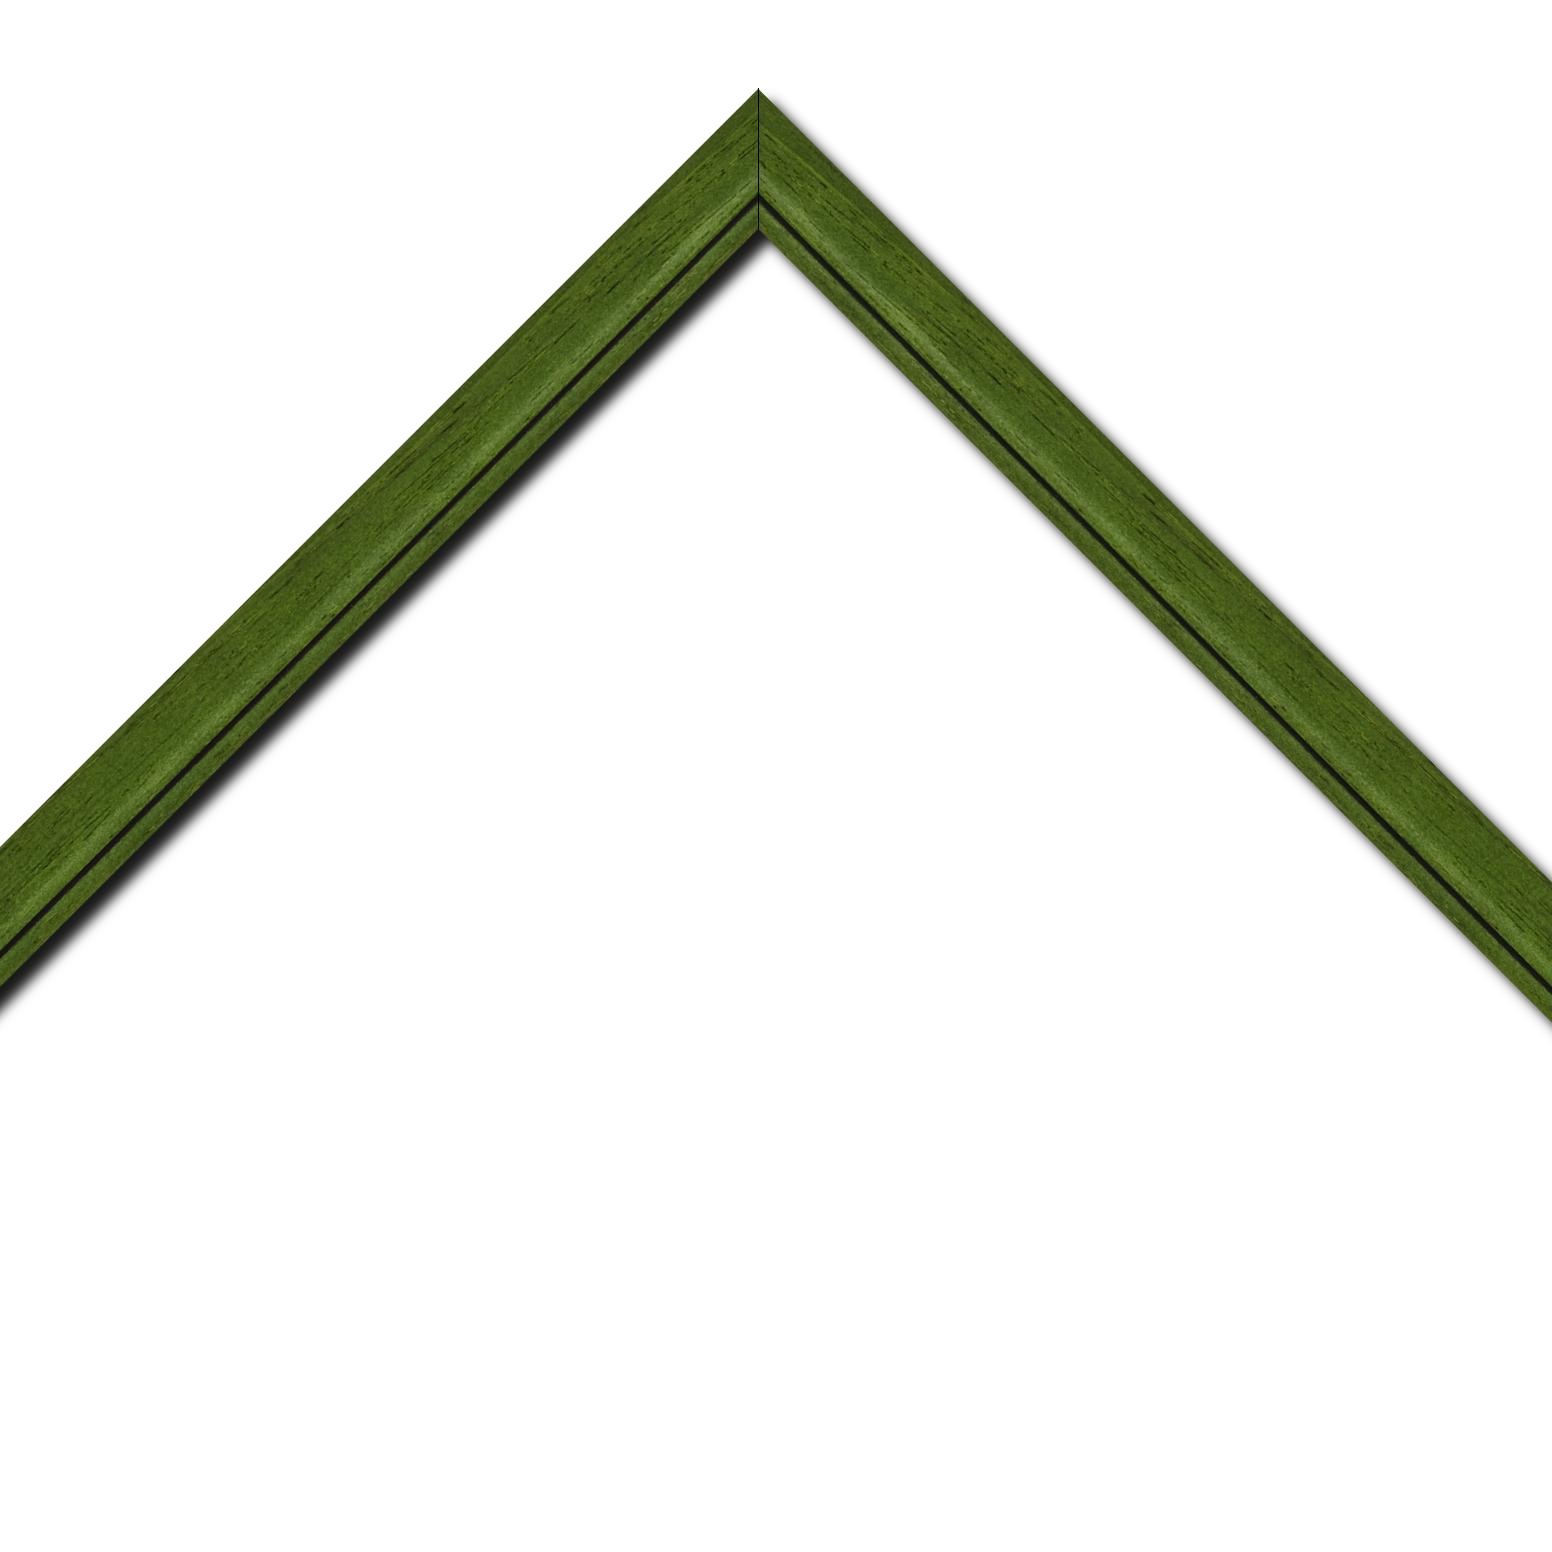 Baguette bois profil bombé largeur 2.4cm couleur vert sapin satiné filet noir